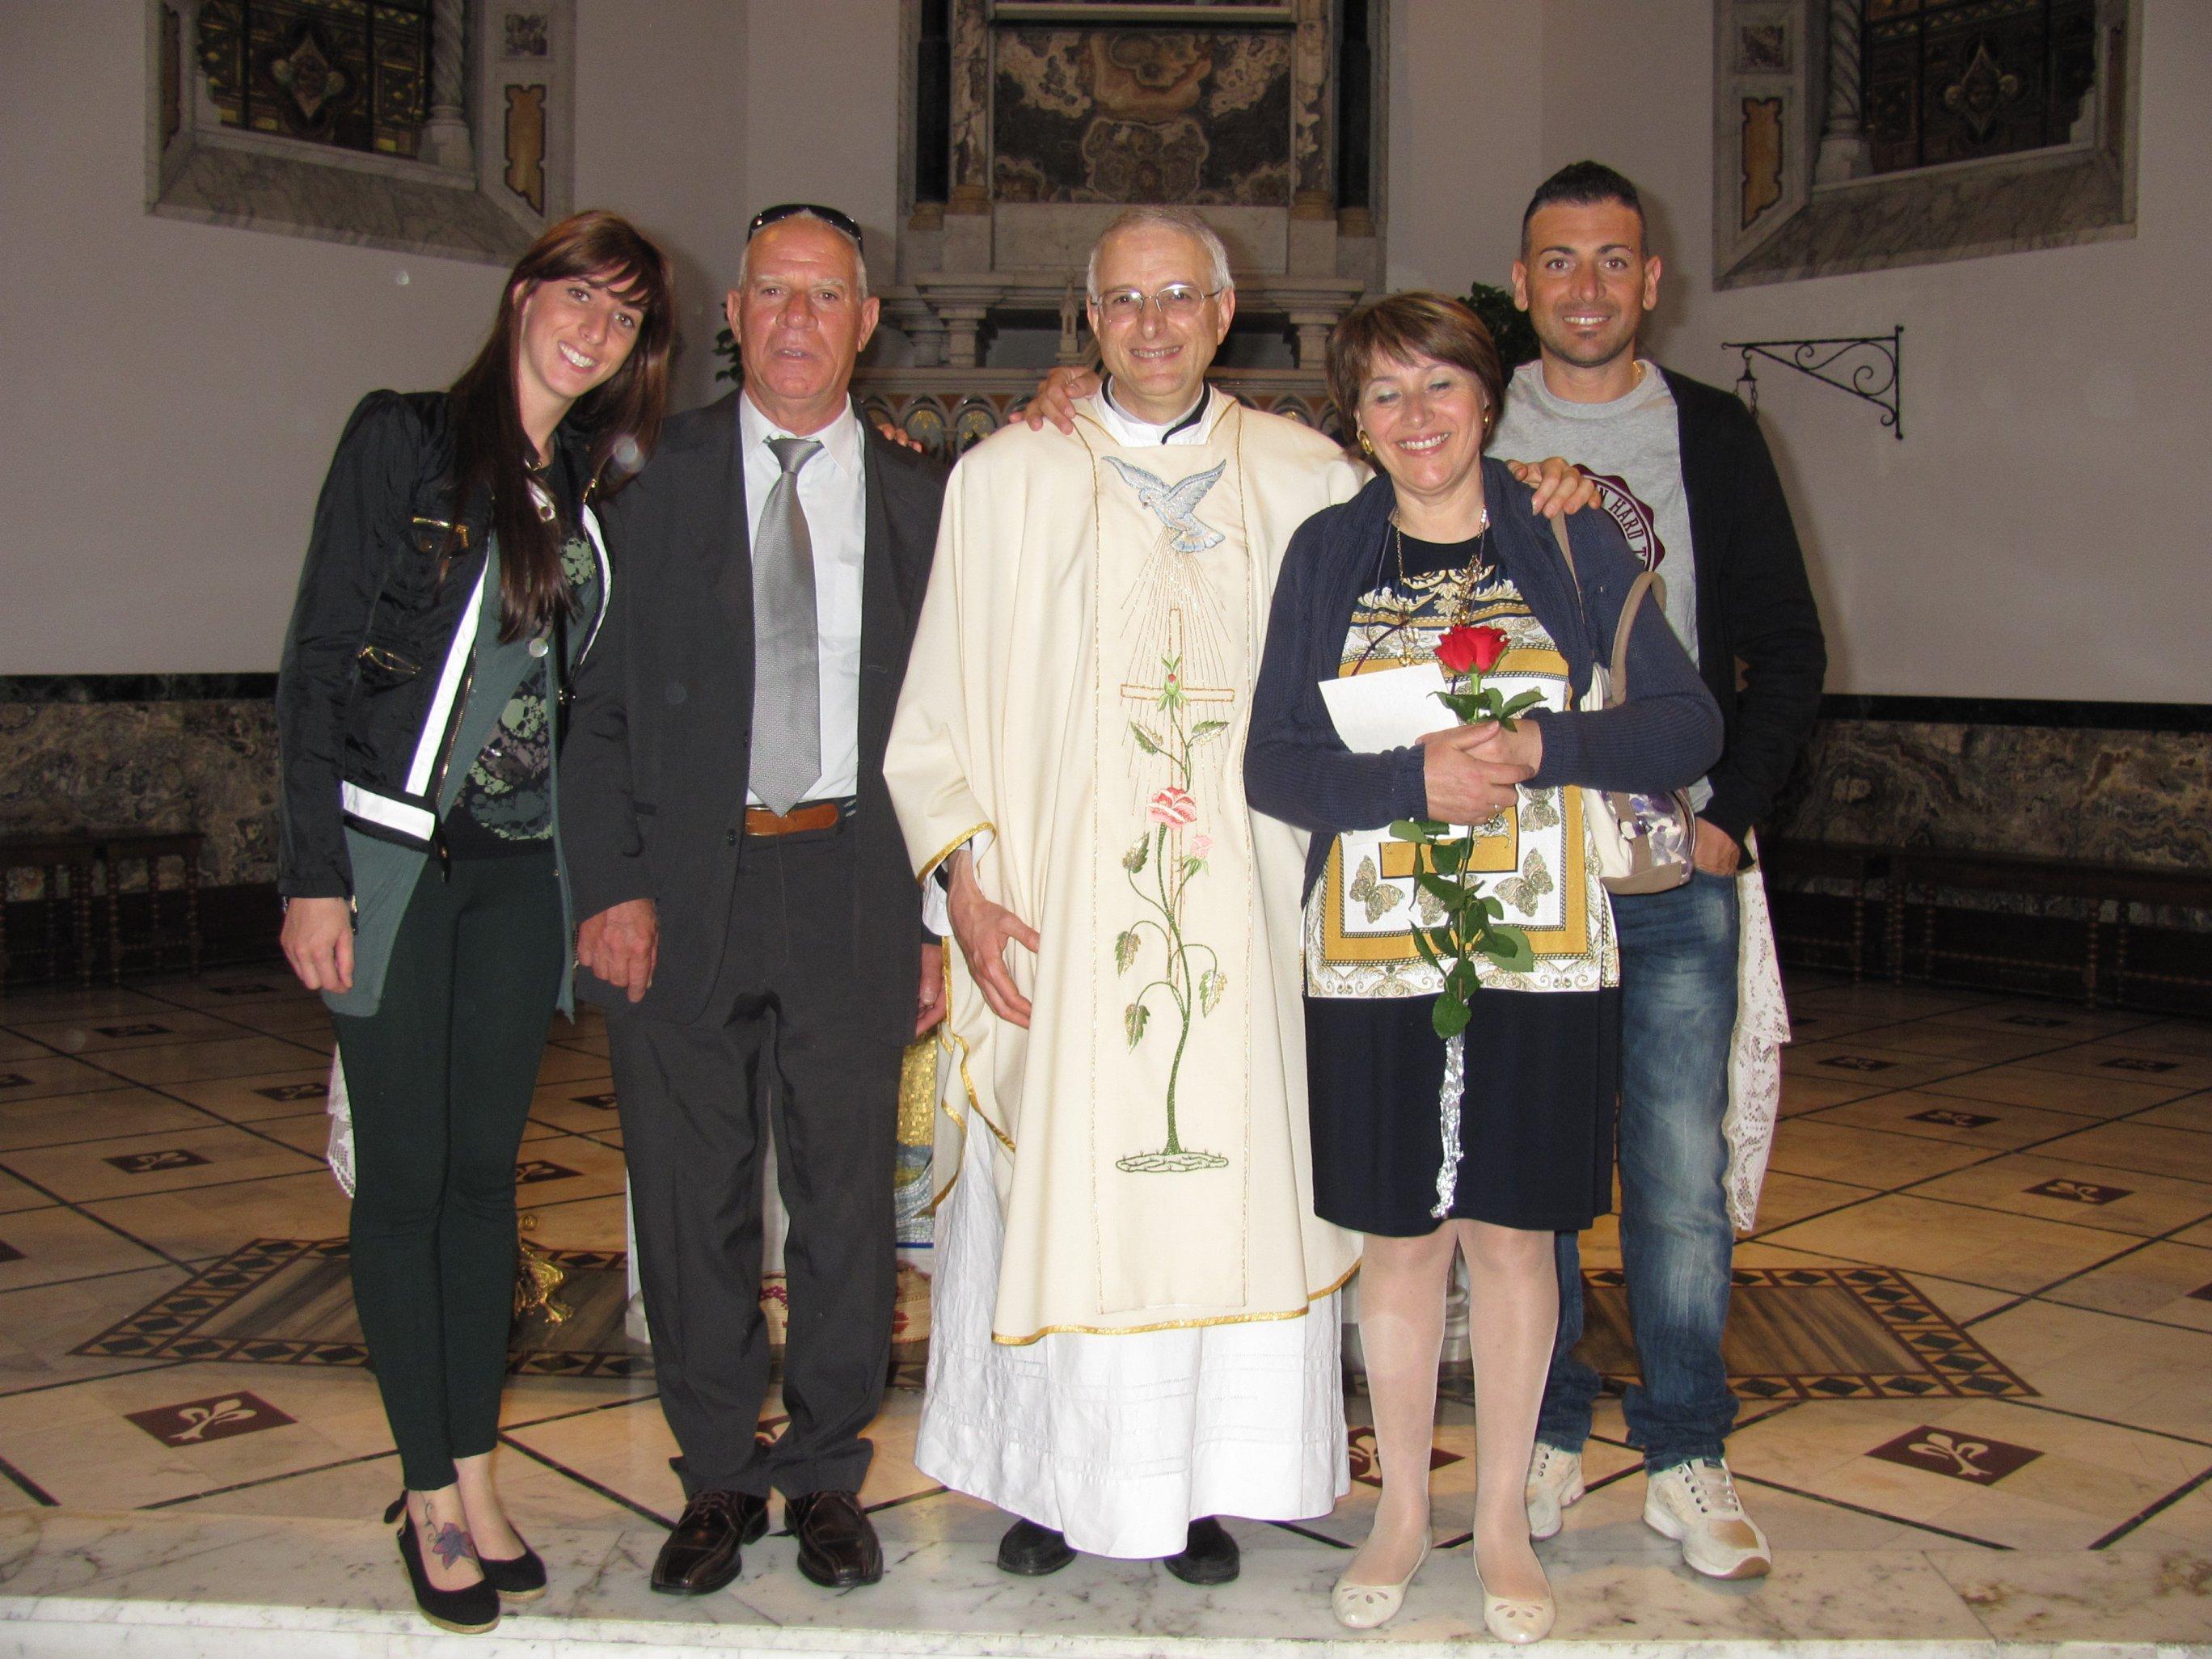 anniversari_di_matrimonio_e_di_ordinazione_2012-06-03-11-32-19